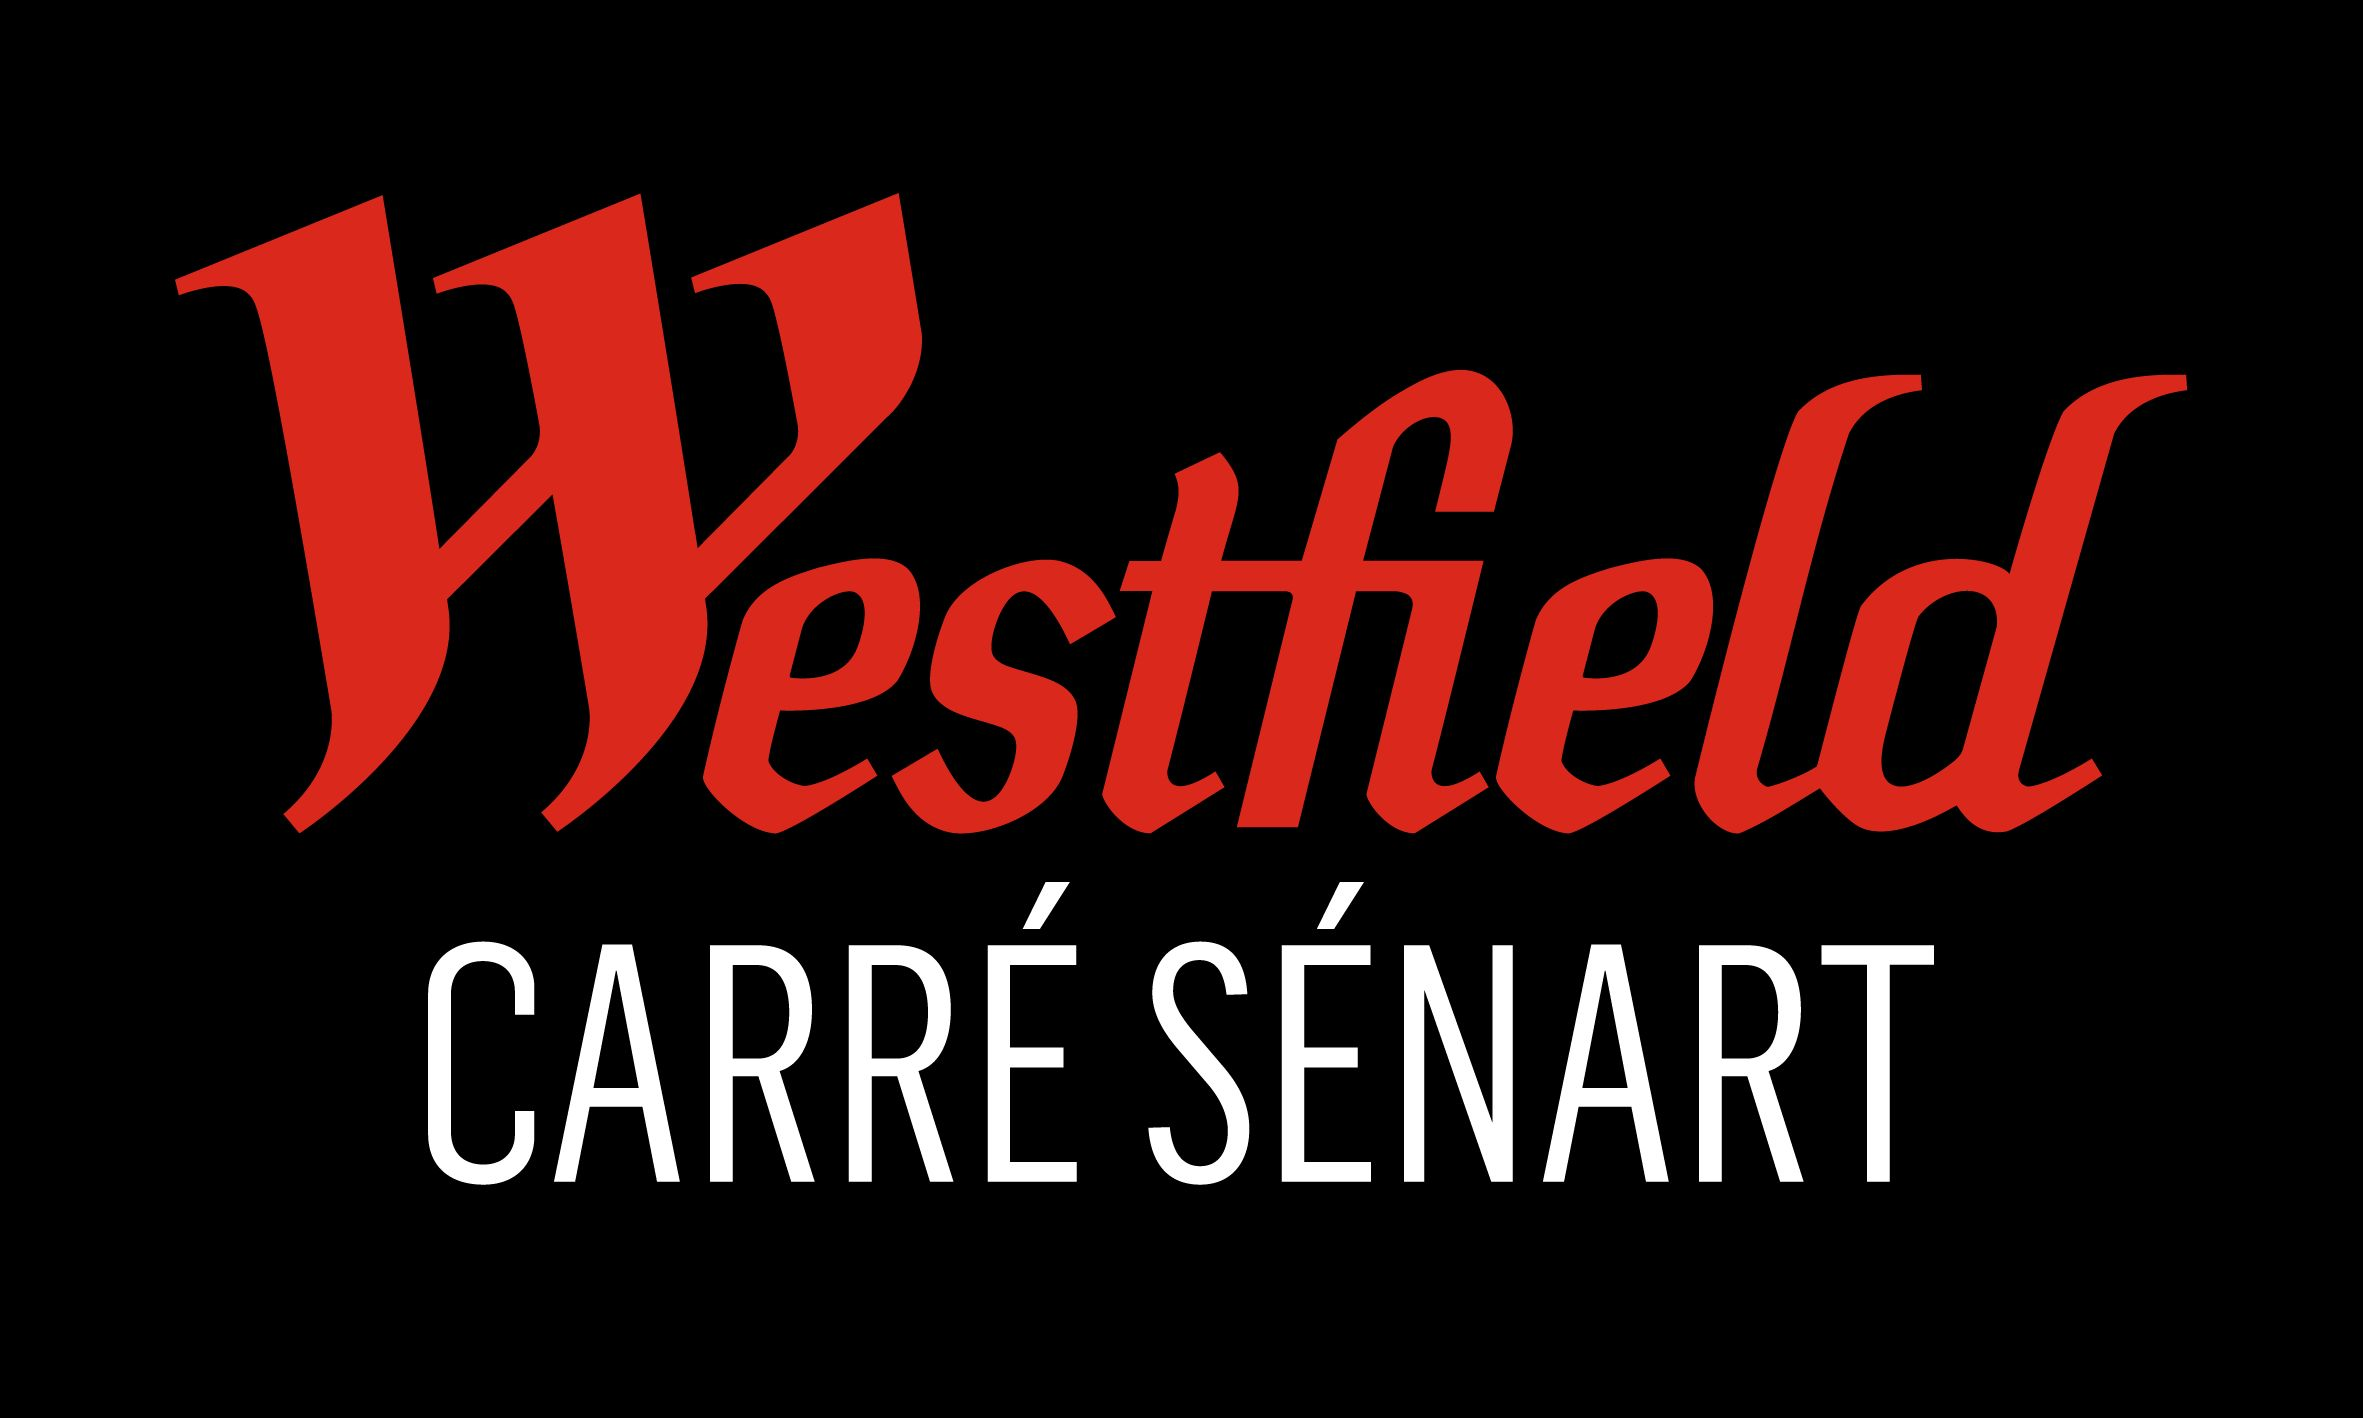 westfield carre senart